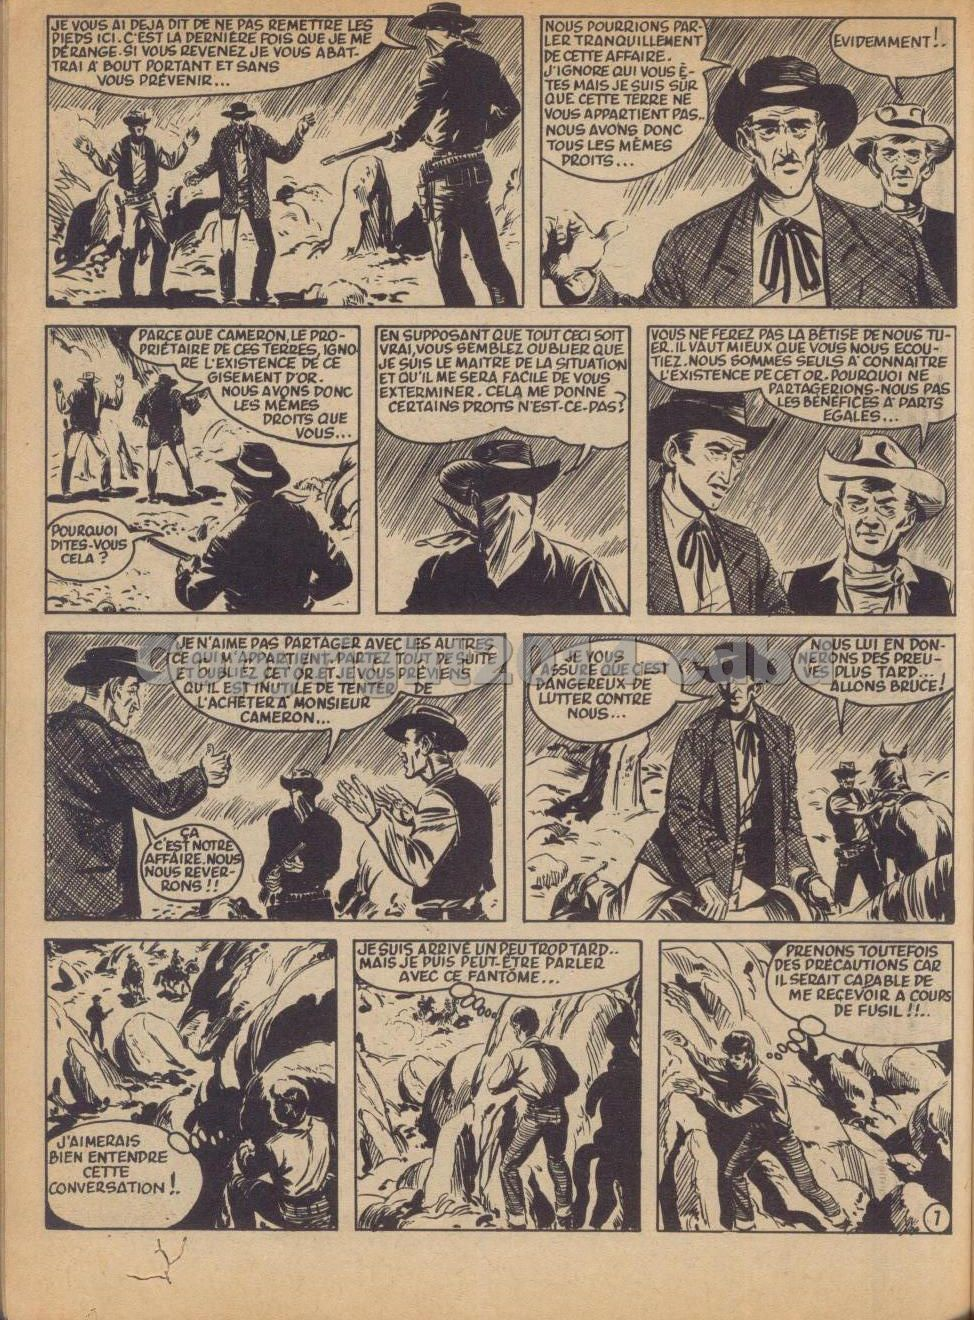 Audax mensuel n°66 de Mars 1958 -page 01 à 10